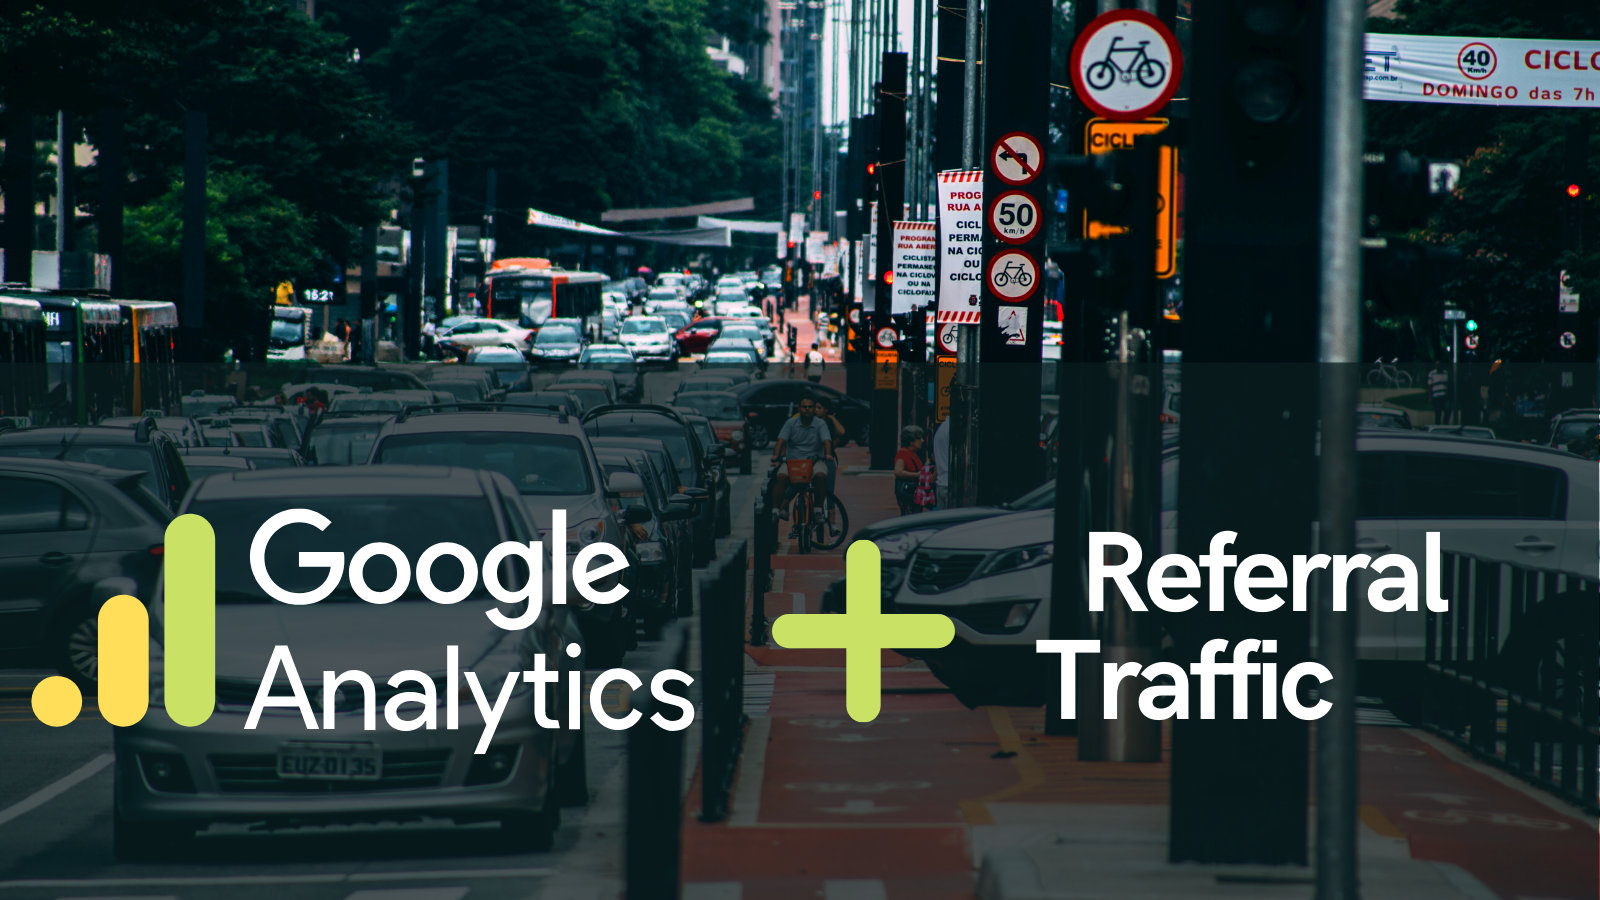 referral-traffic